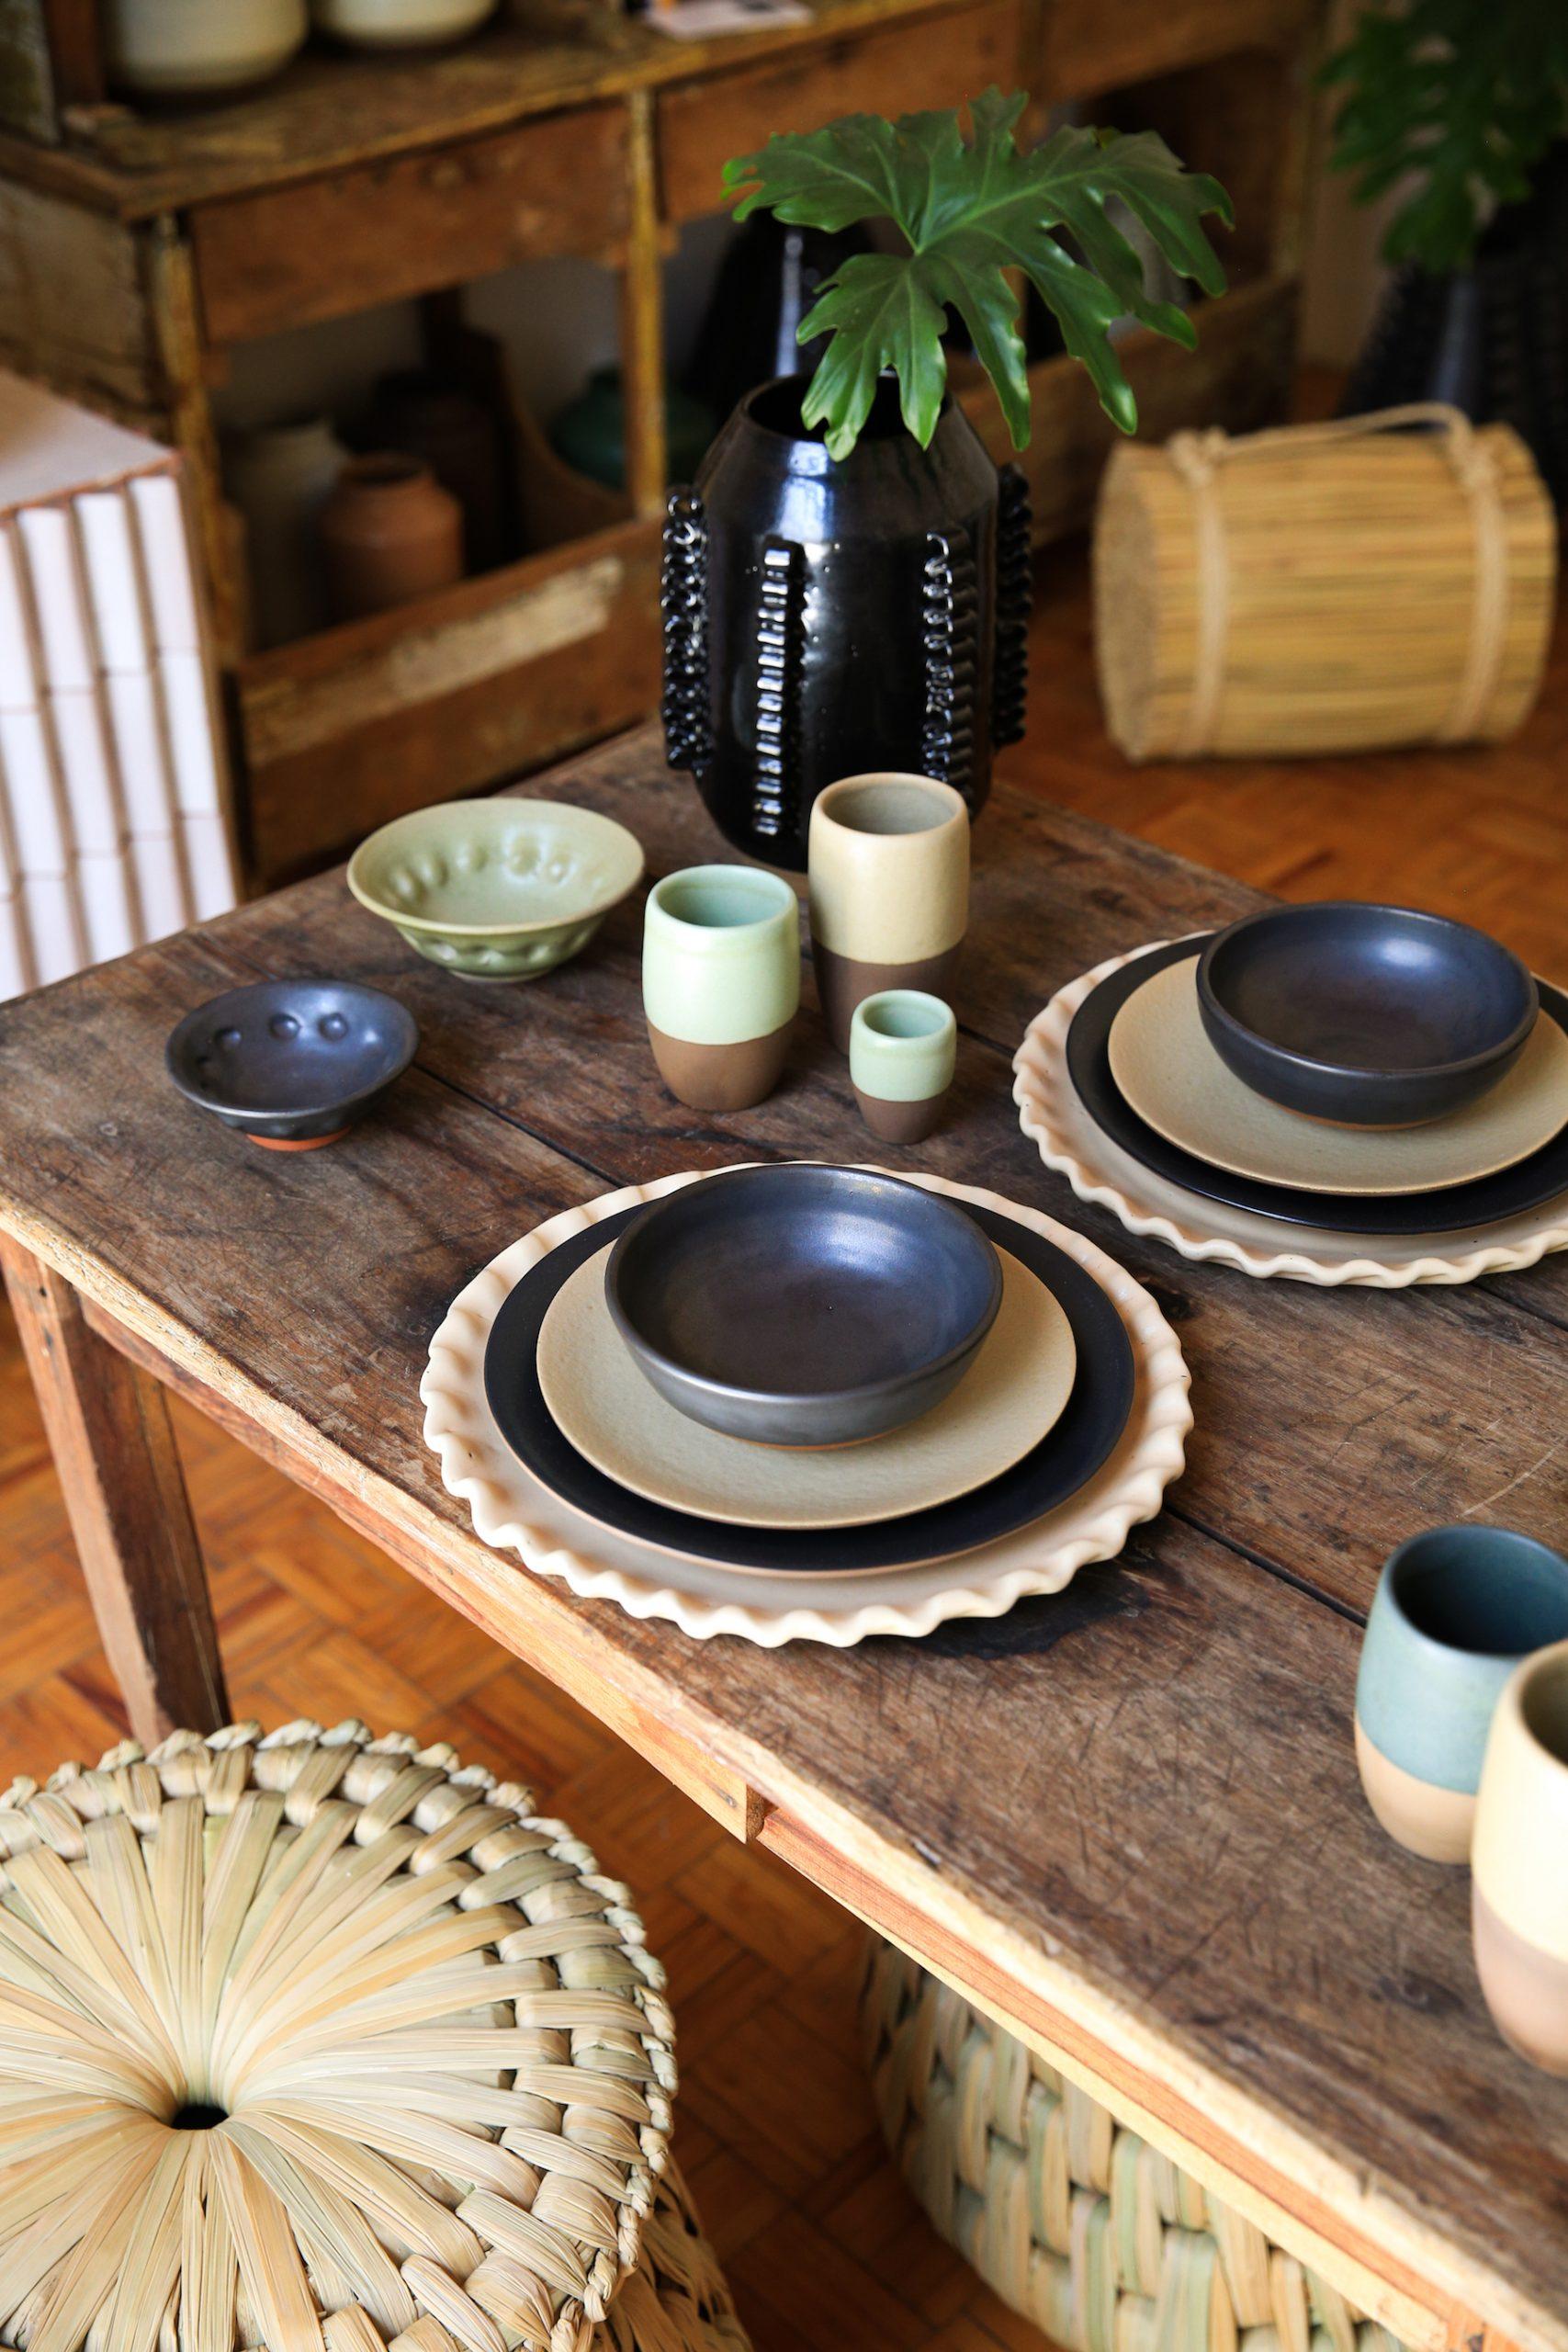 wu-haus-ceramics-perla-valtierra